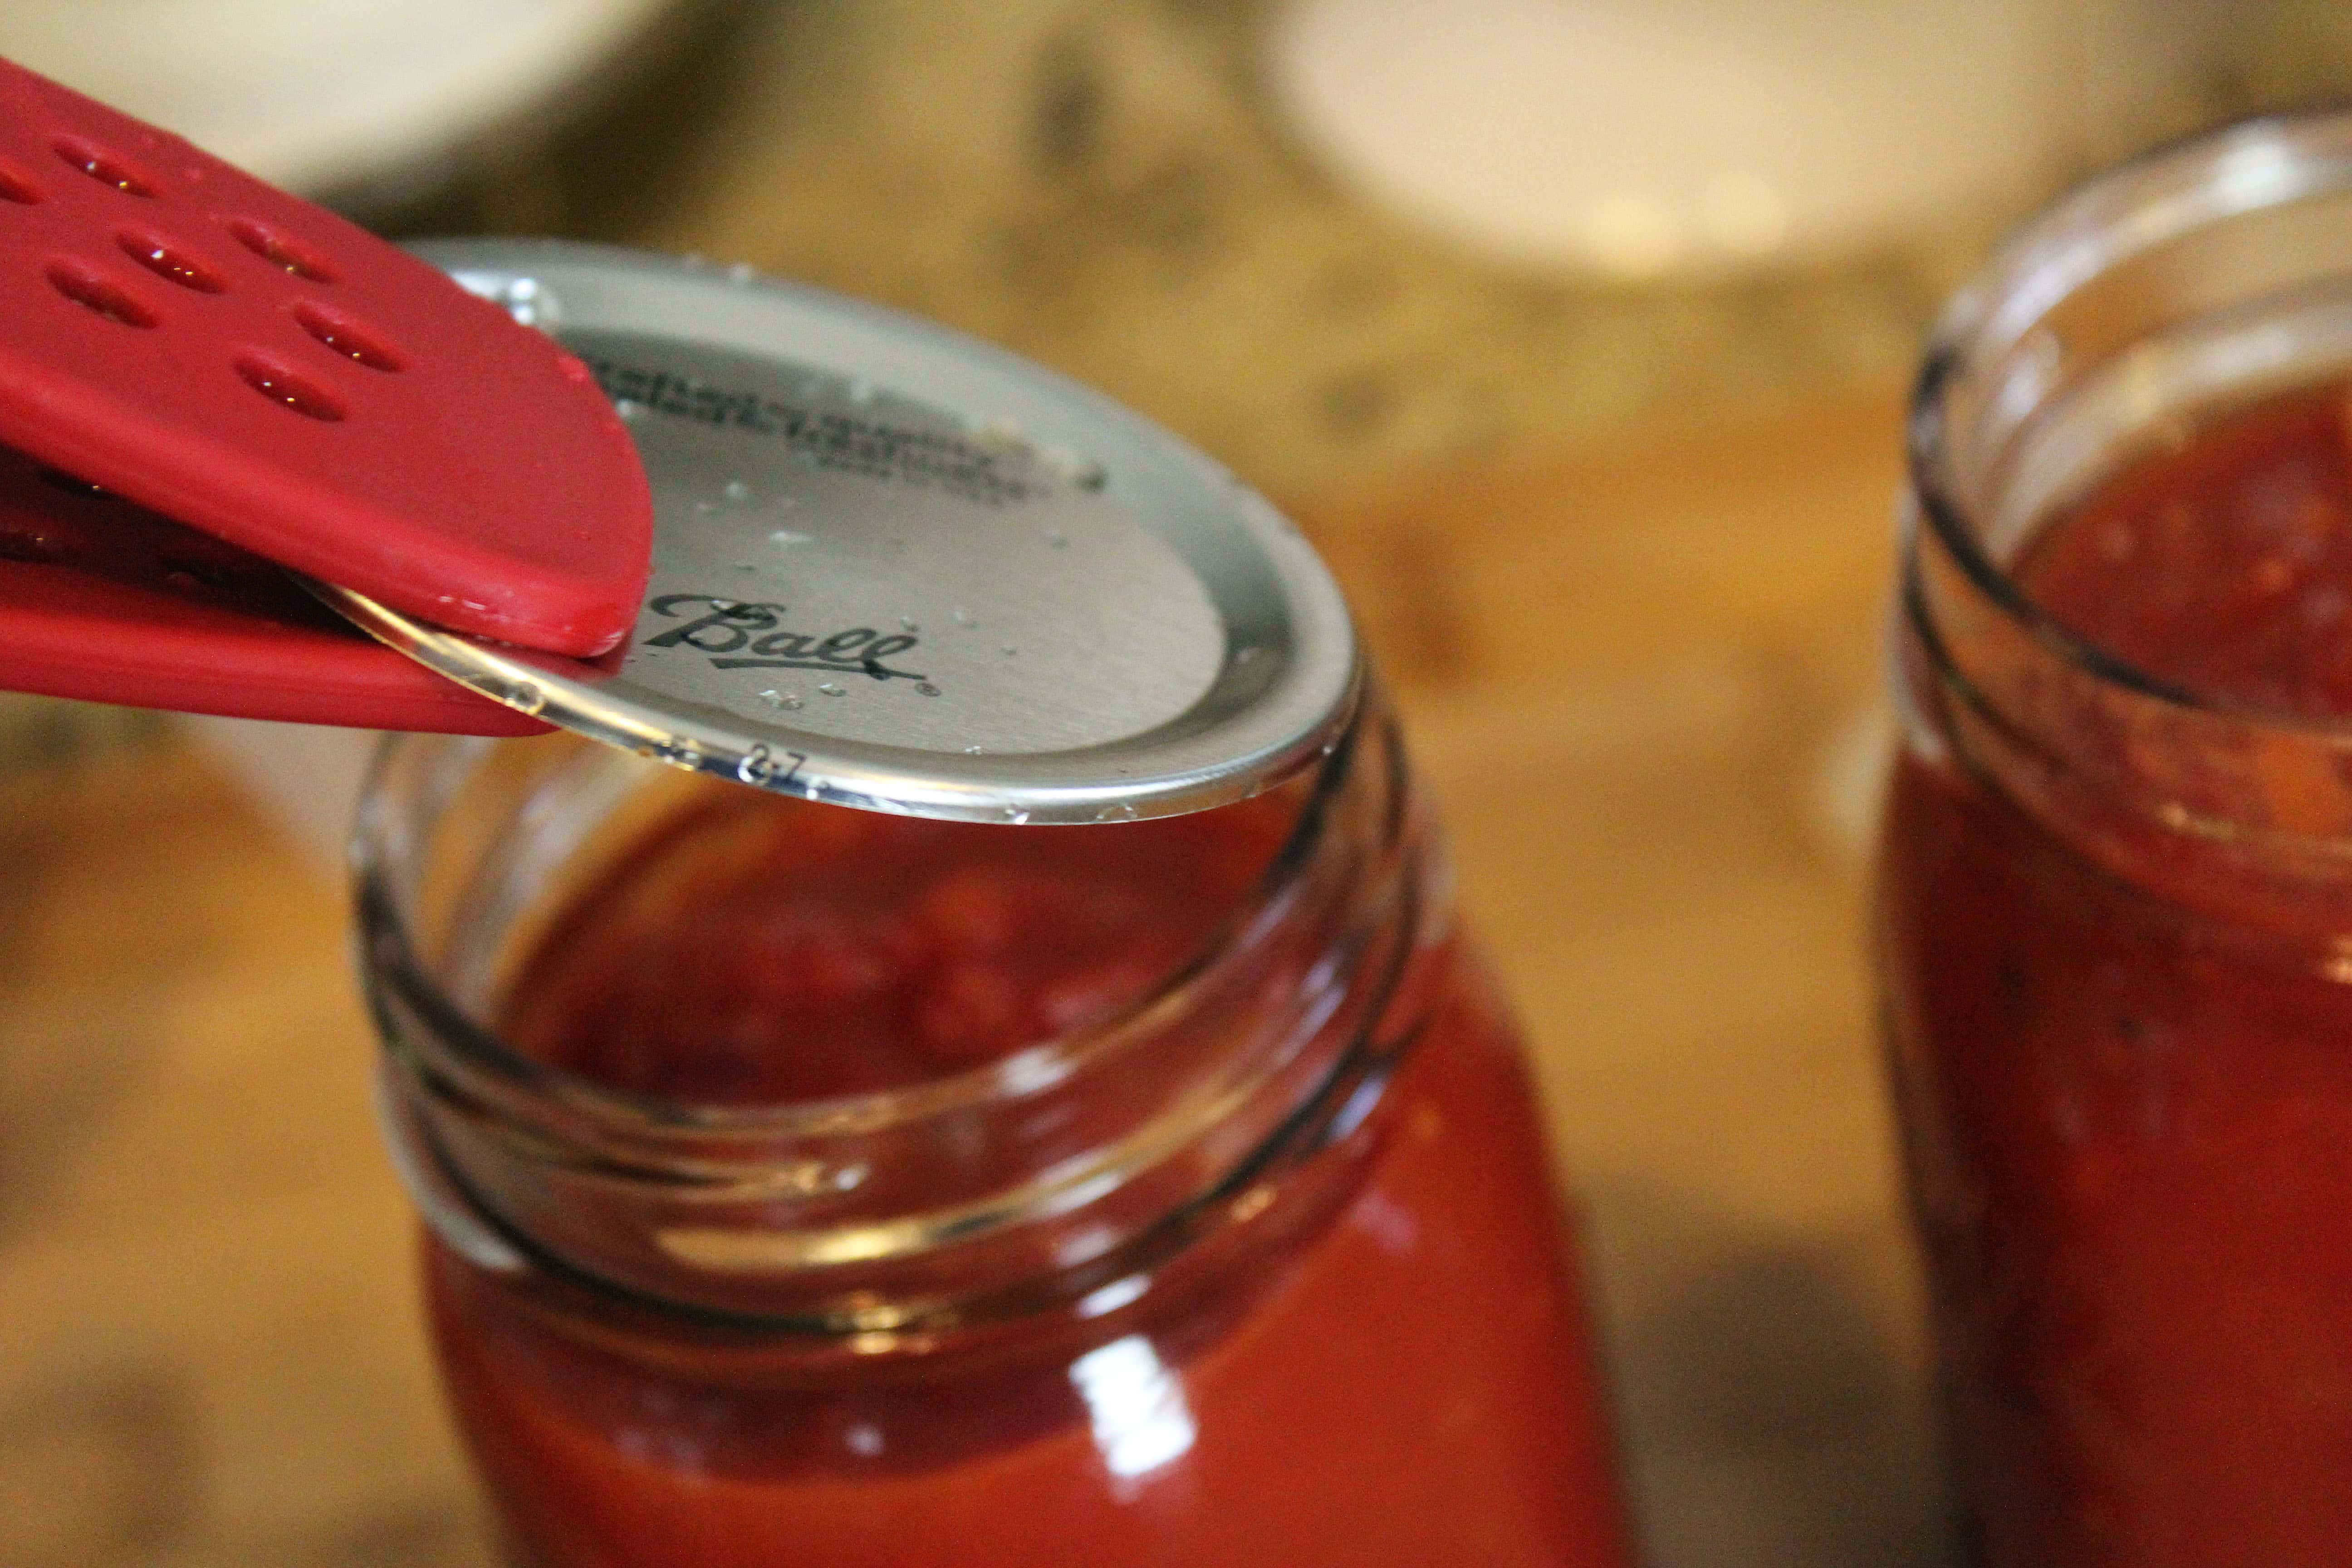 Place lid over jar